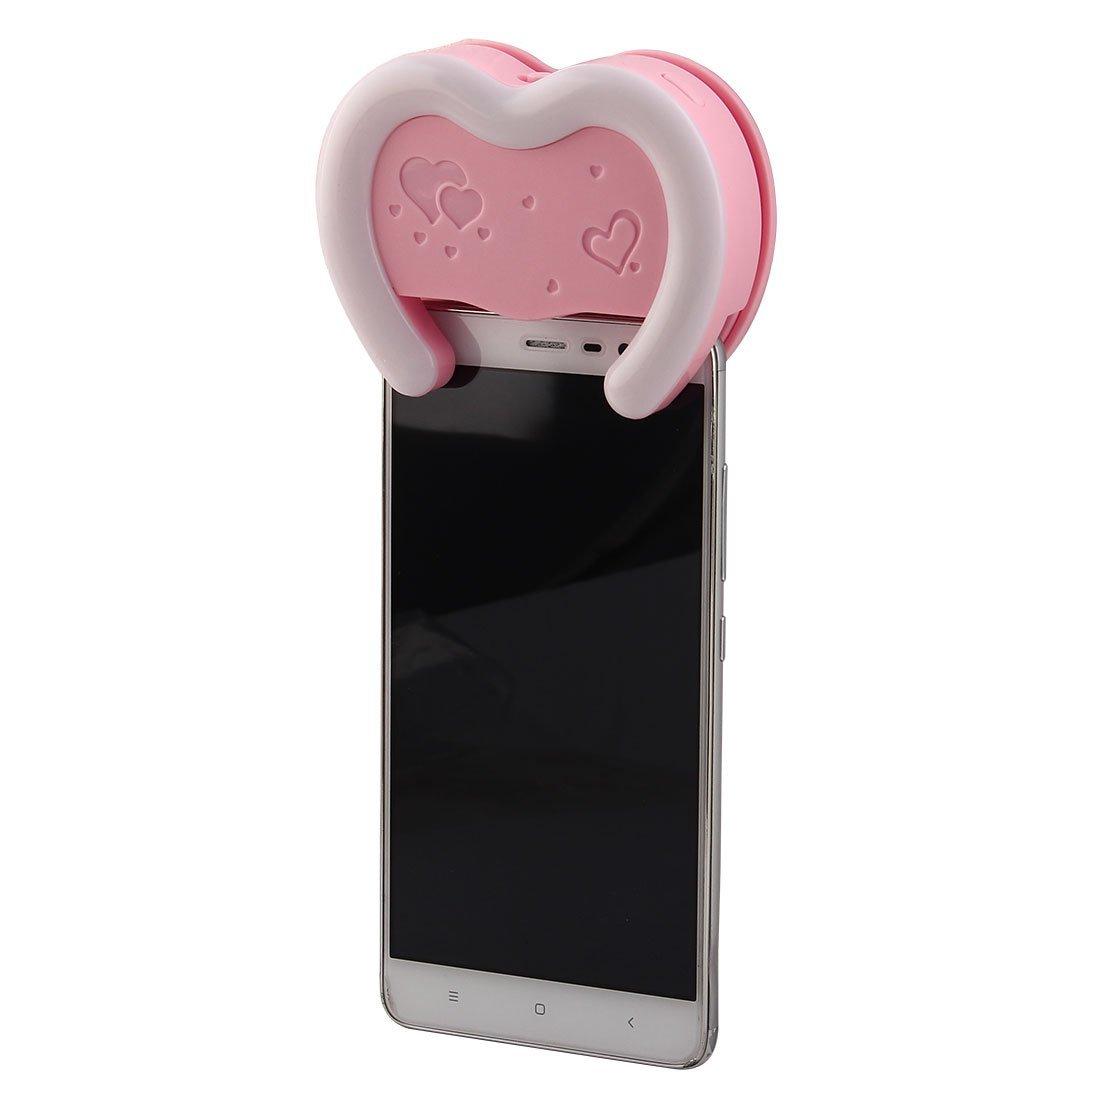 eDealMax LED Dimmable Selfie Anneau Rechargable Lumière Rose Pour les appareils intelligents by eDealMax